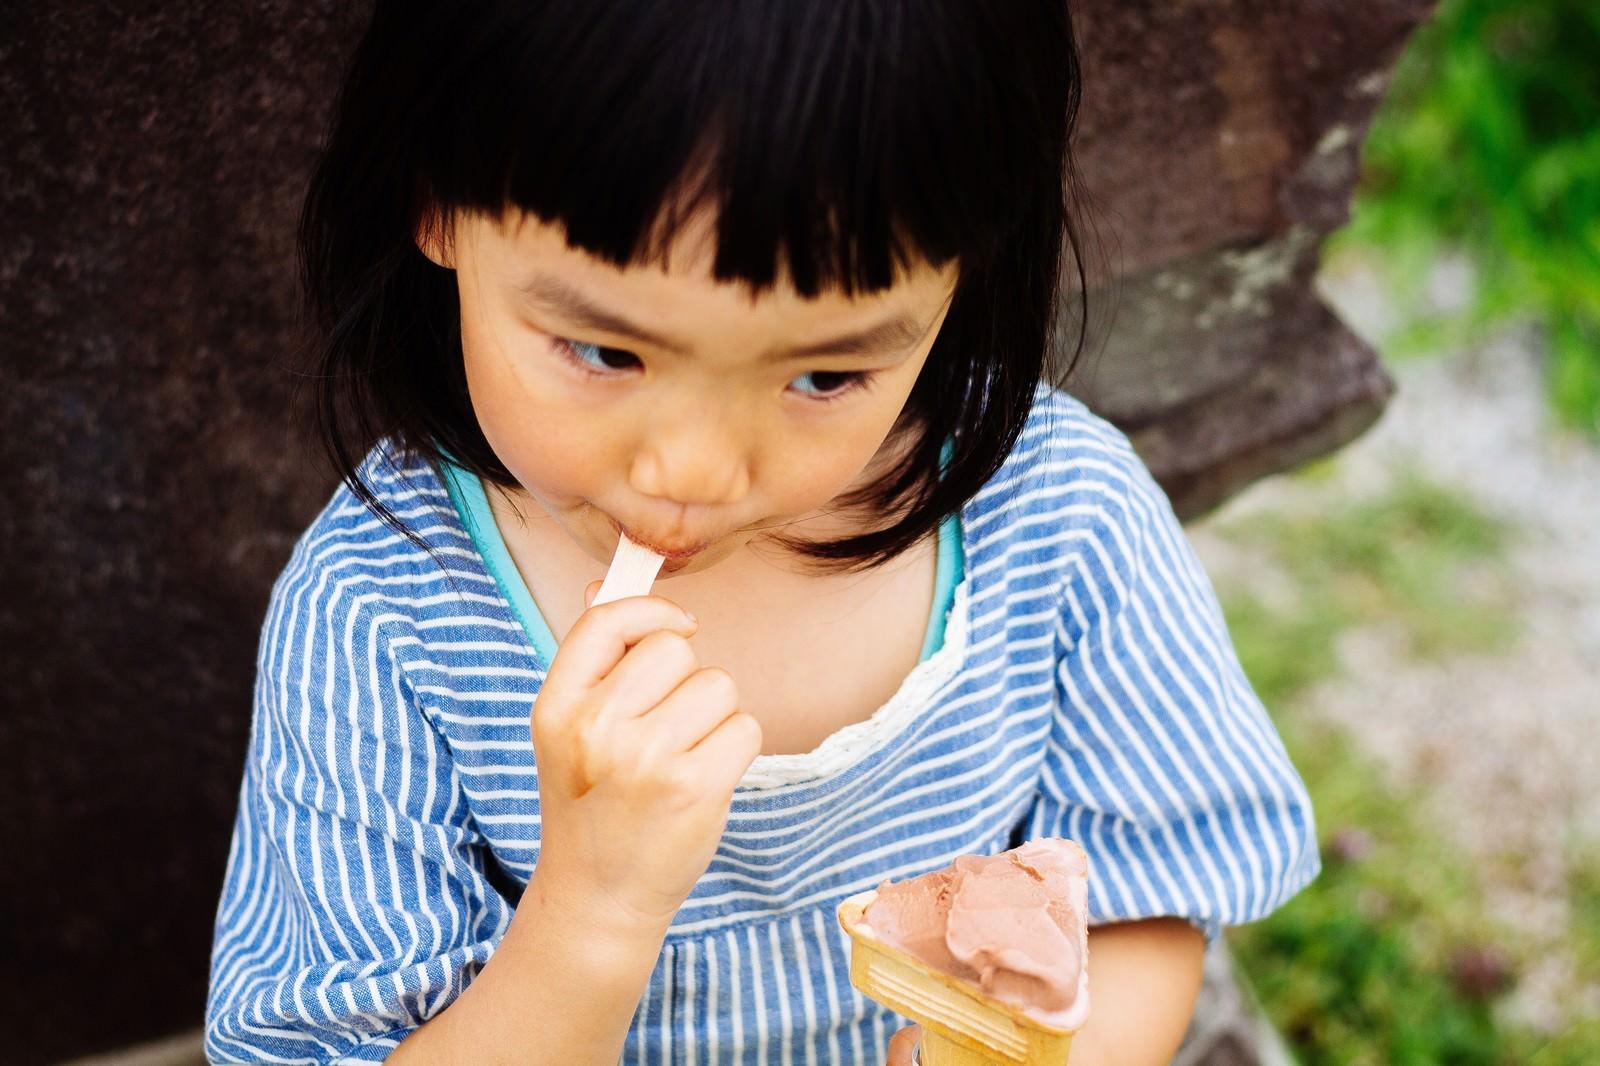 「アイスクリームペロリ | 写真の無料素材・フリー素材 - ぱくたそ」の写真[モデル:あんじゅ]